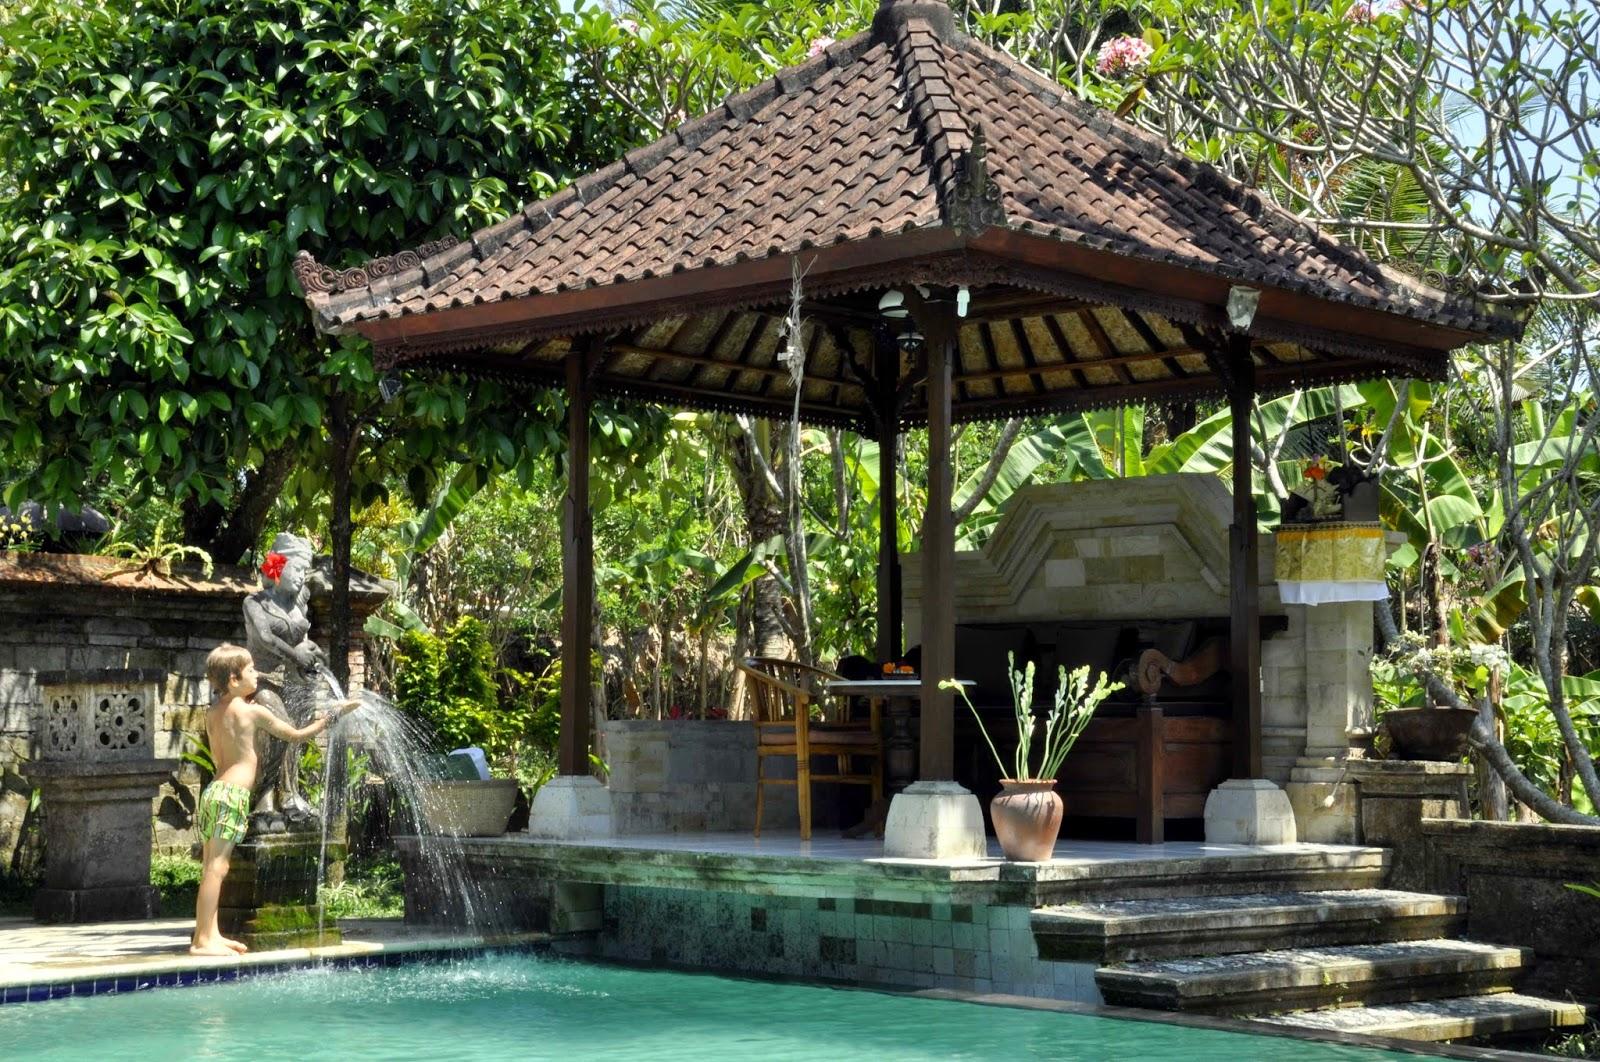 INDONESIA, BALI: Qué hacer en Ubud con niños